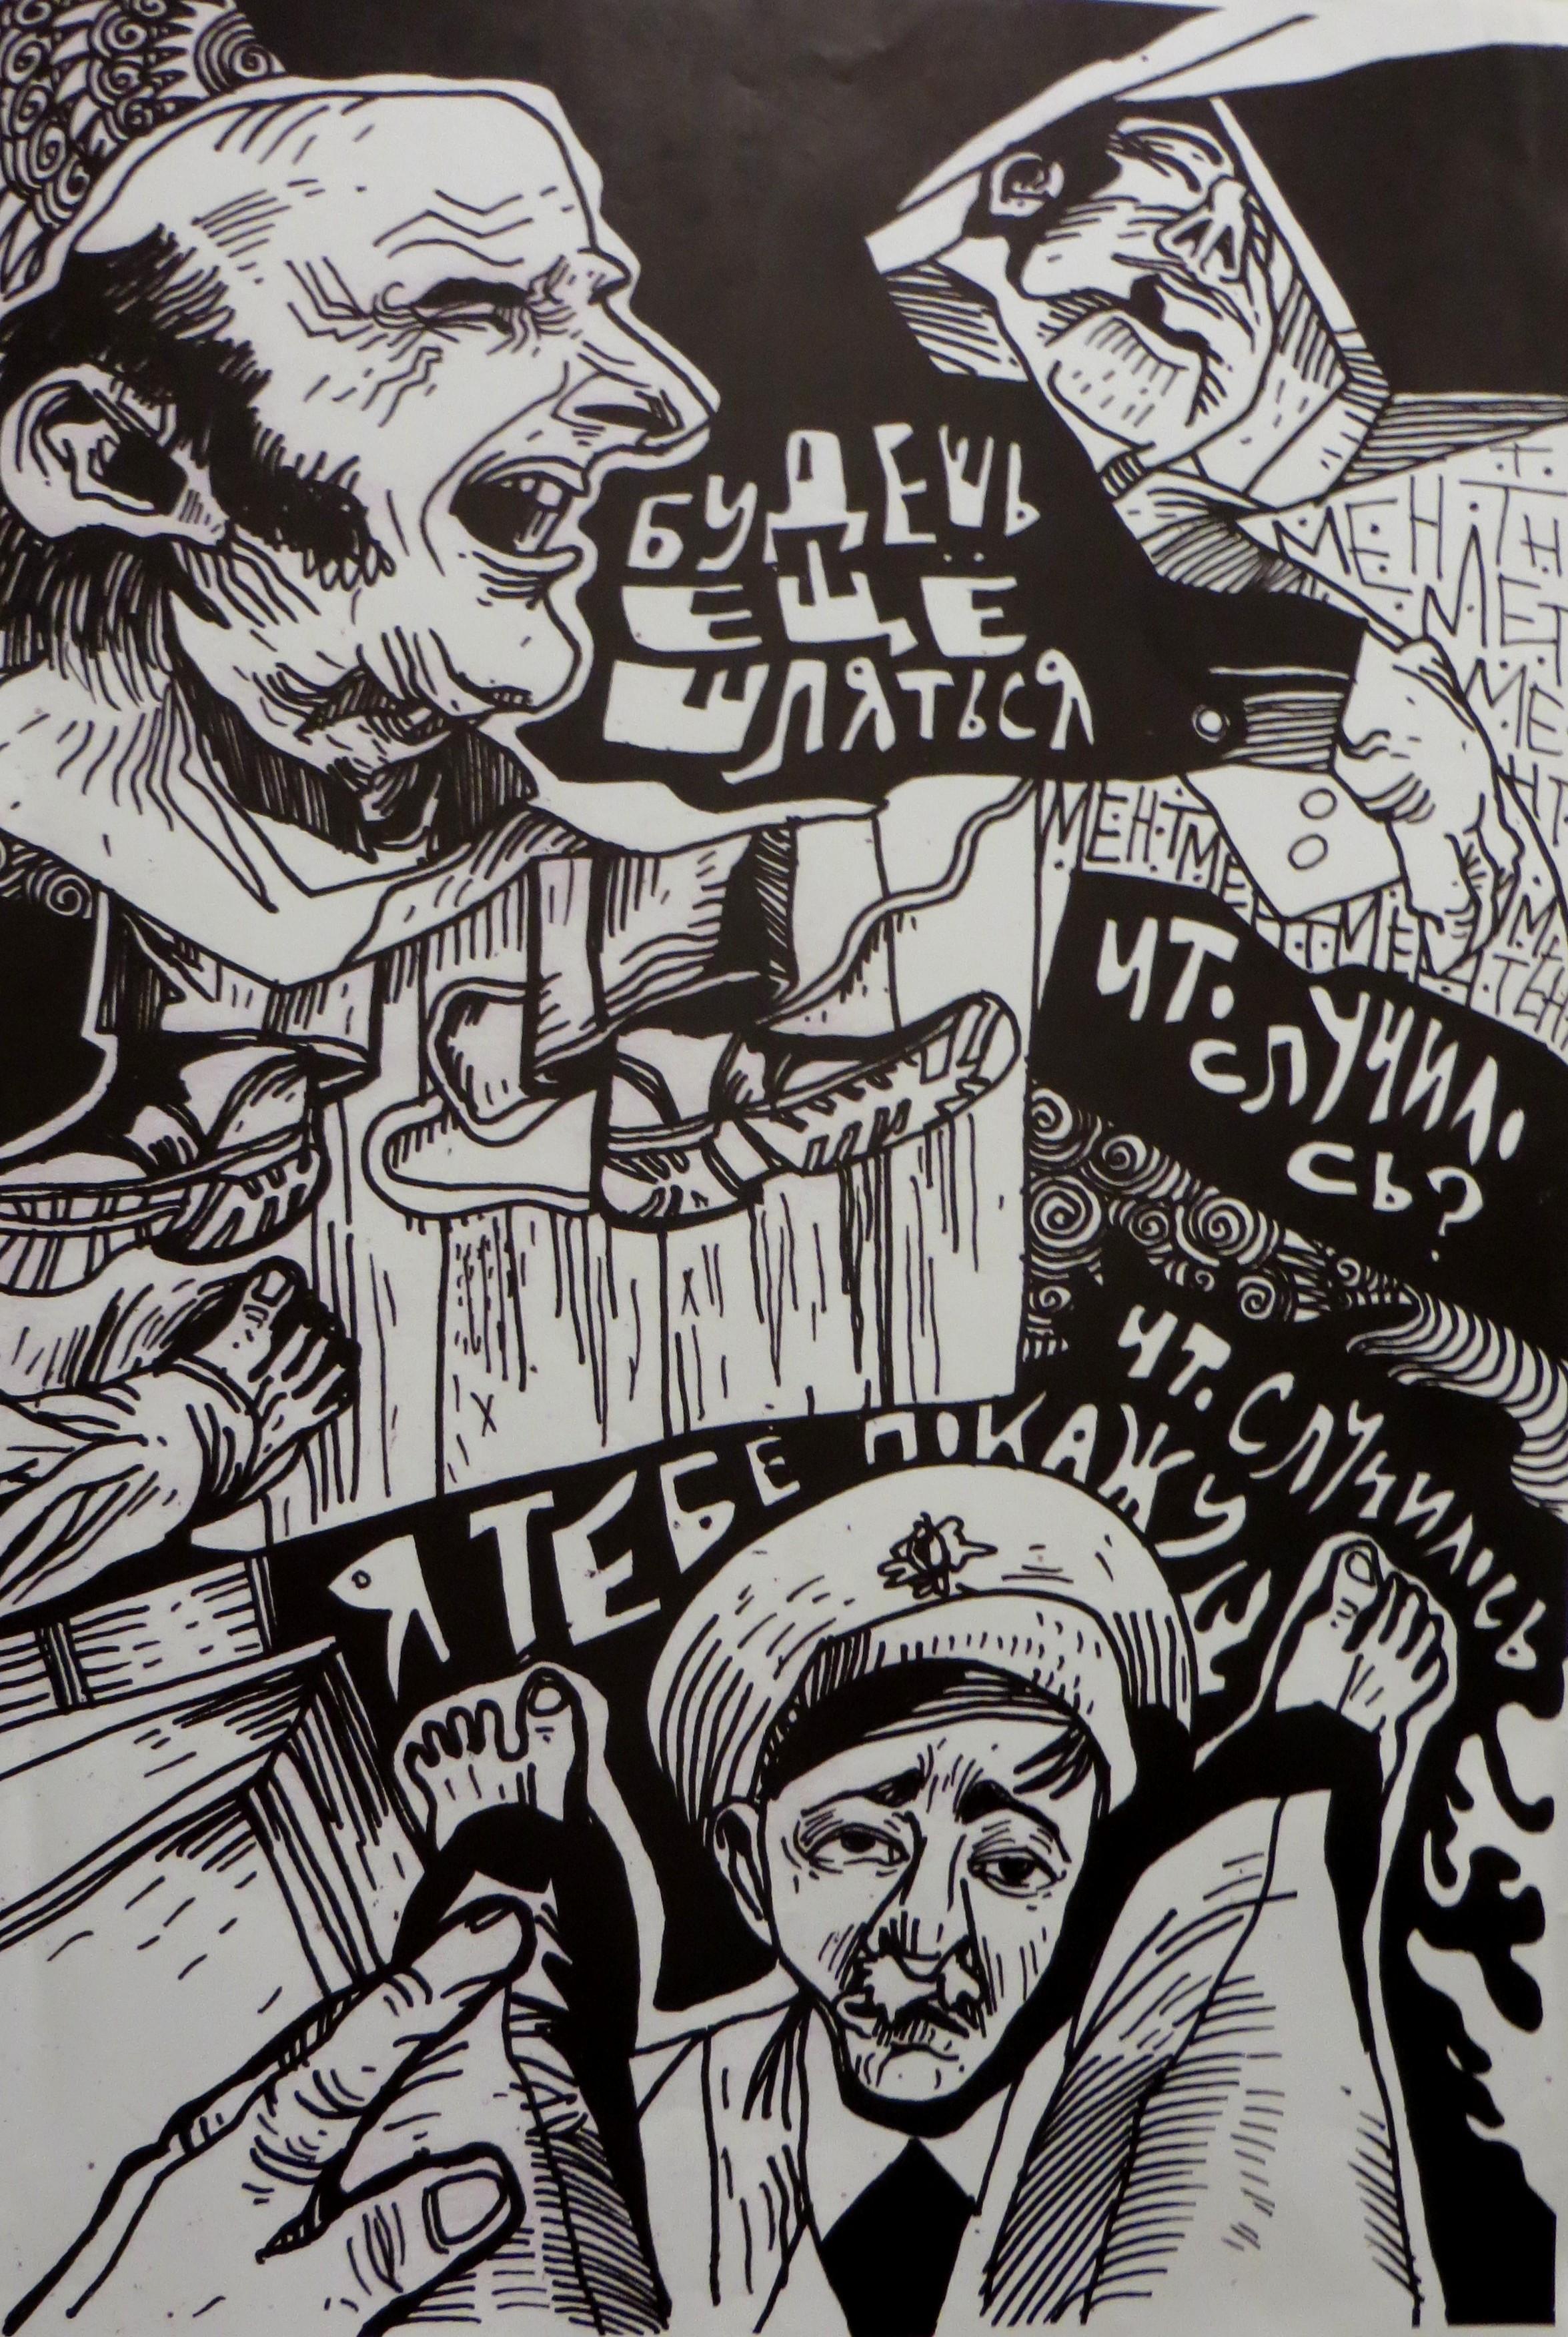 """Дмитрий Ган графический лист к фильму """"Гомункул"""", принт 2014"""